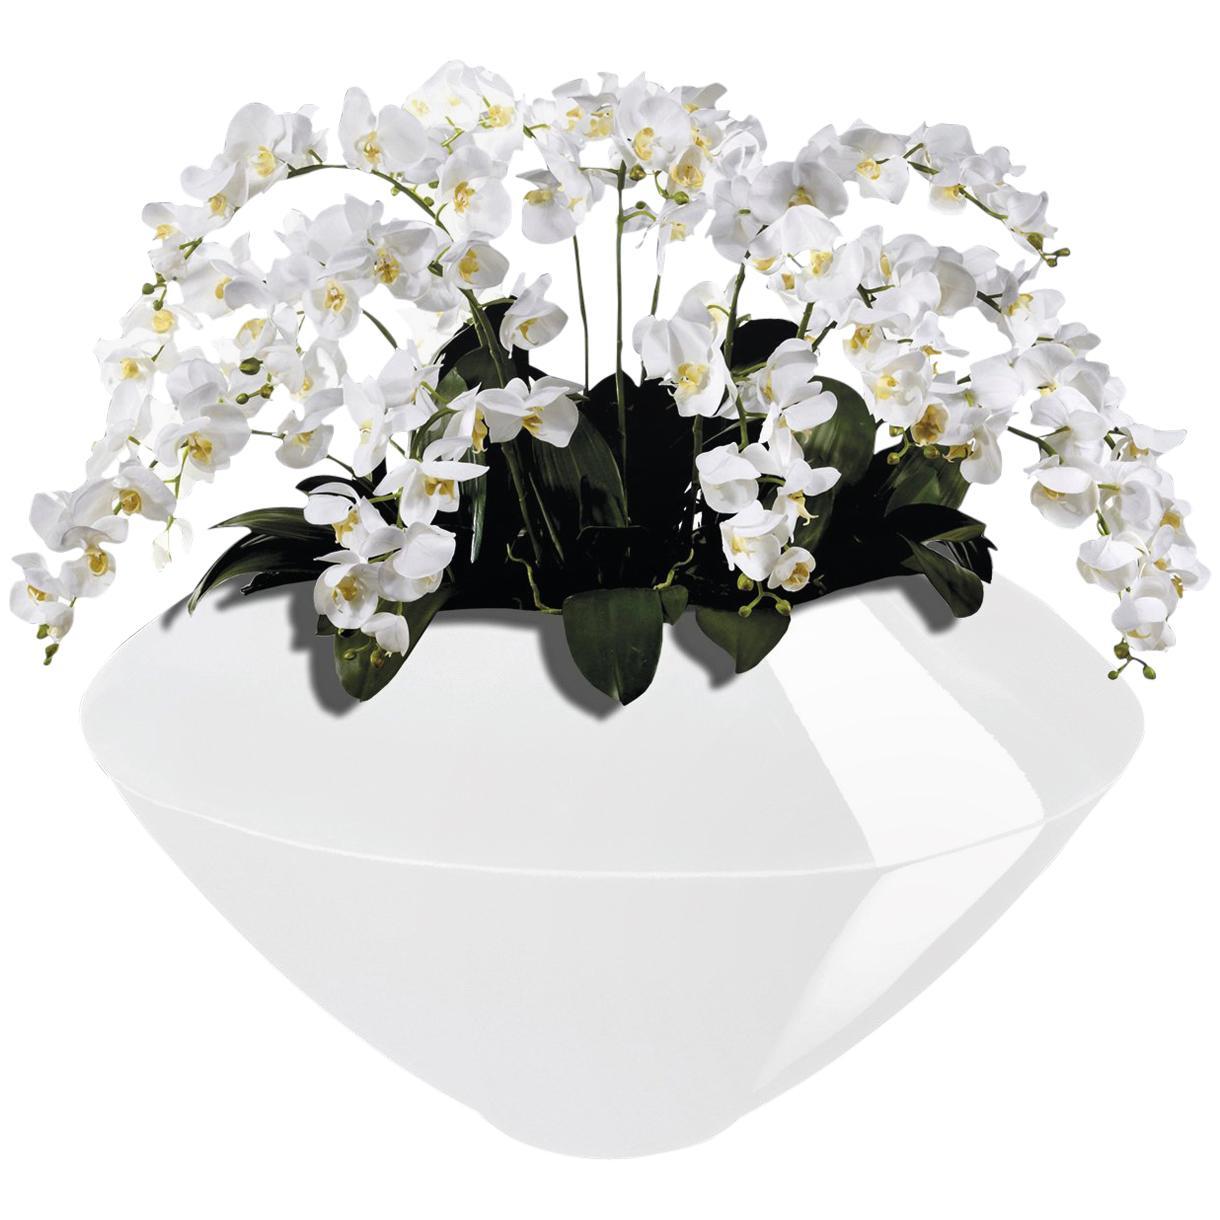 225 & Venice Set Arrangement Flowers Vase Indoor Use Italy